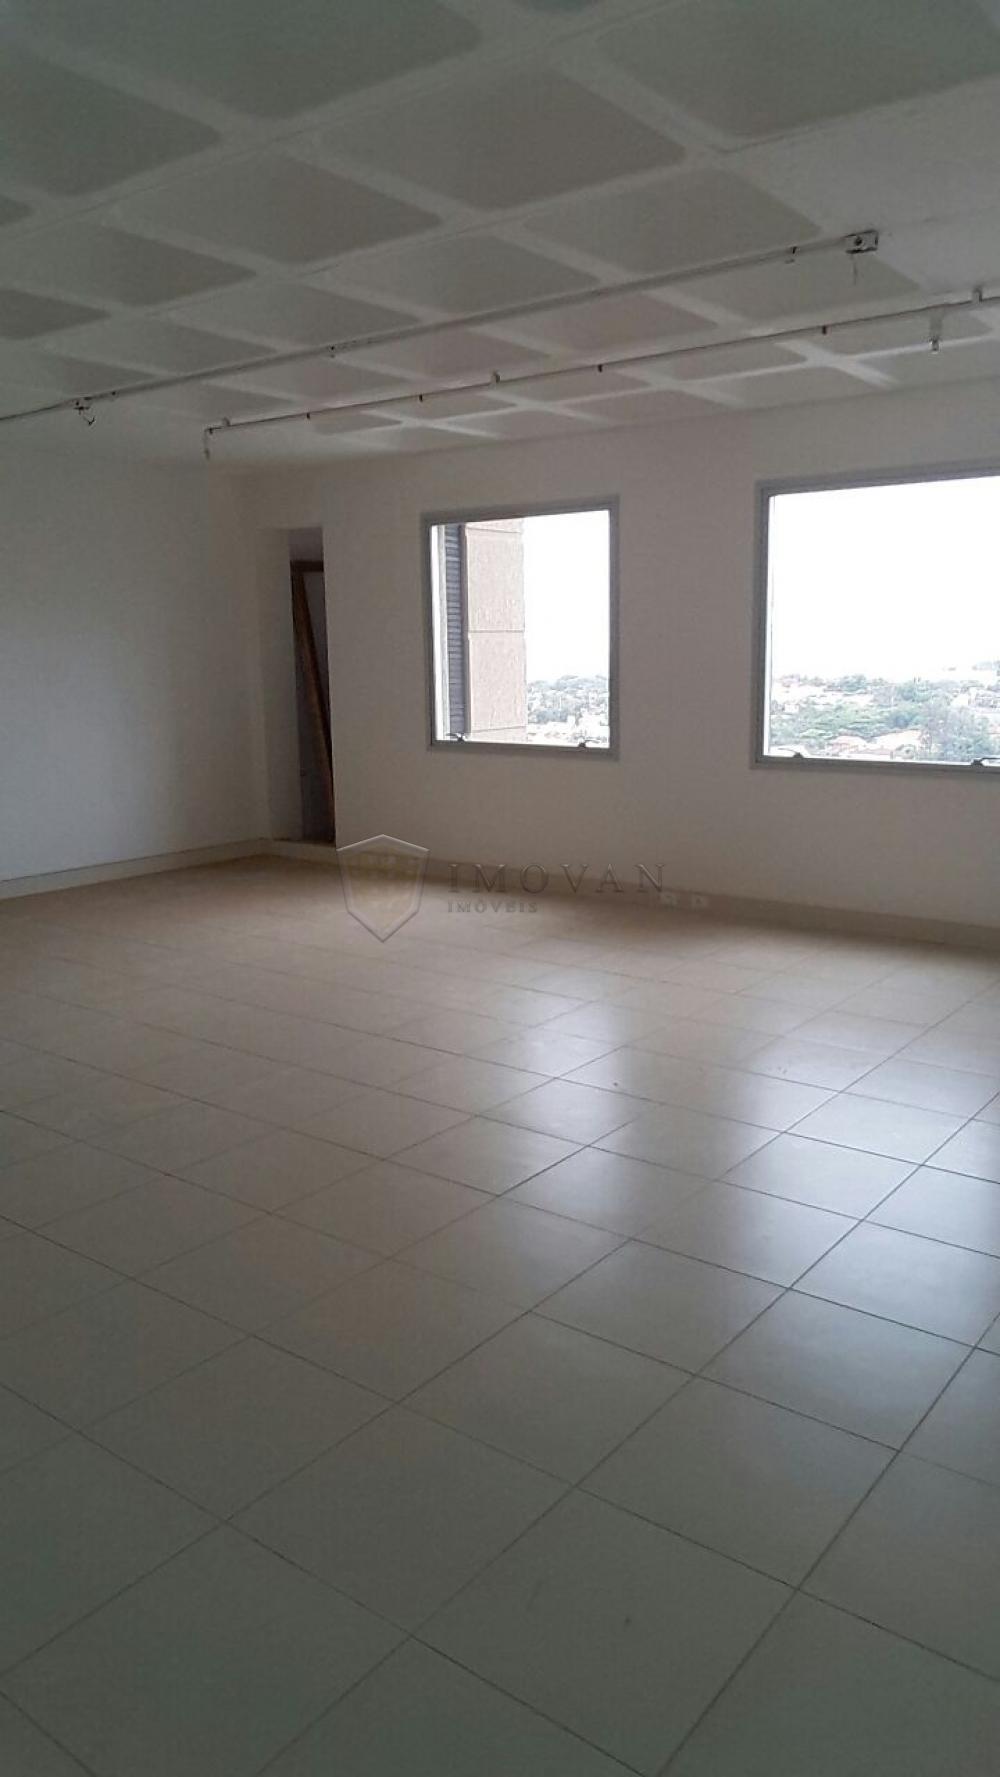 Alugar Comercial / Sala em Ribeirão Preto R$ 2.300,00 - Foto 11